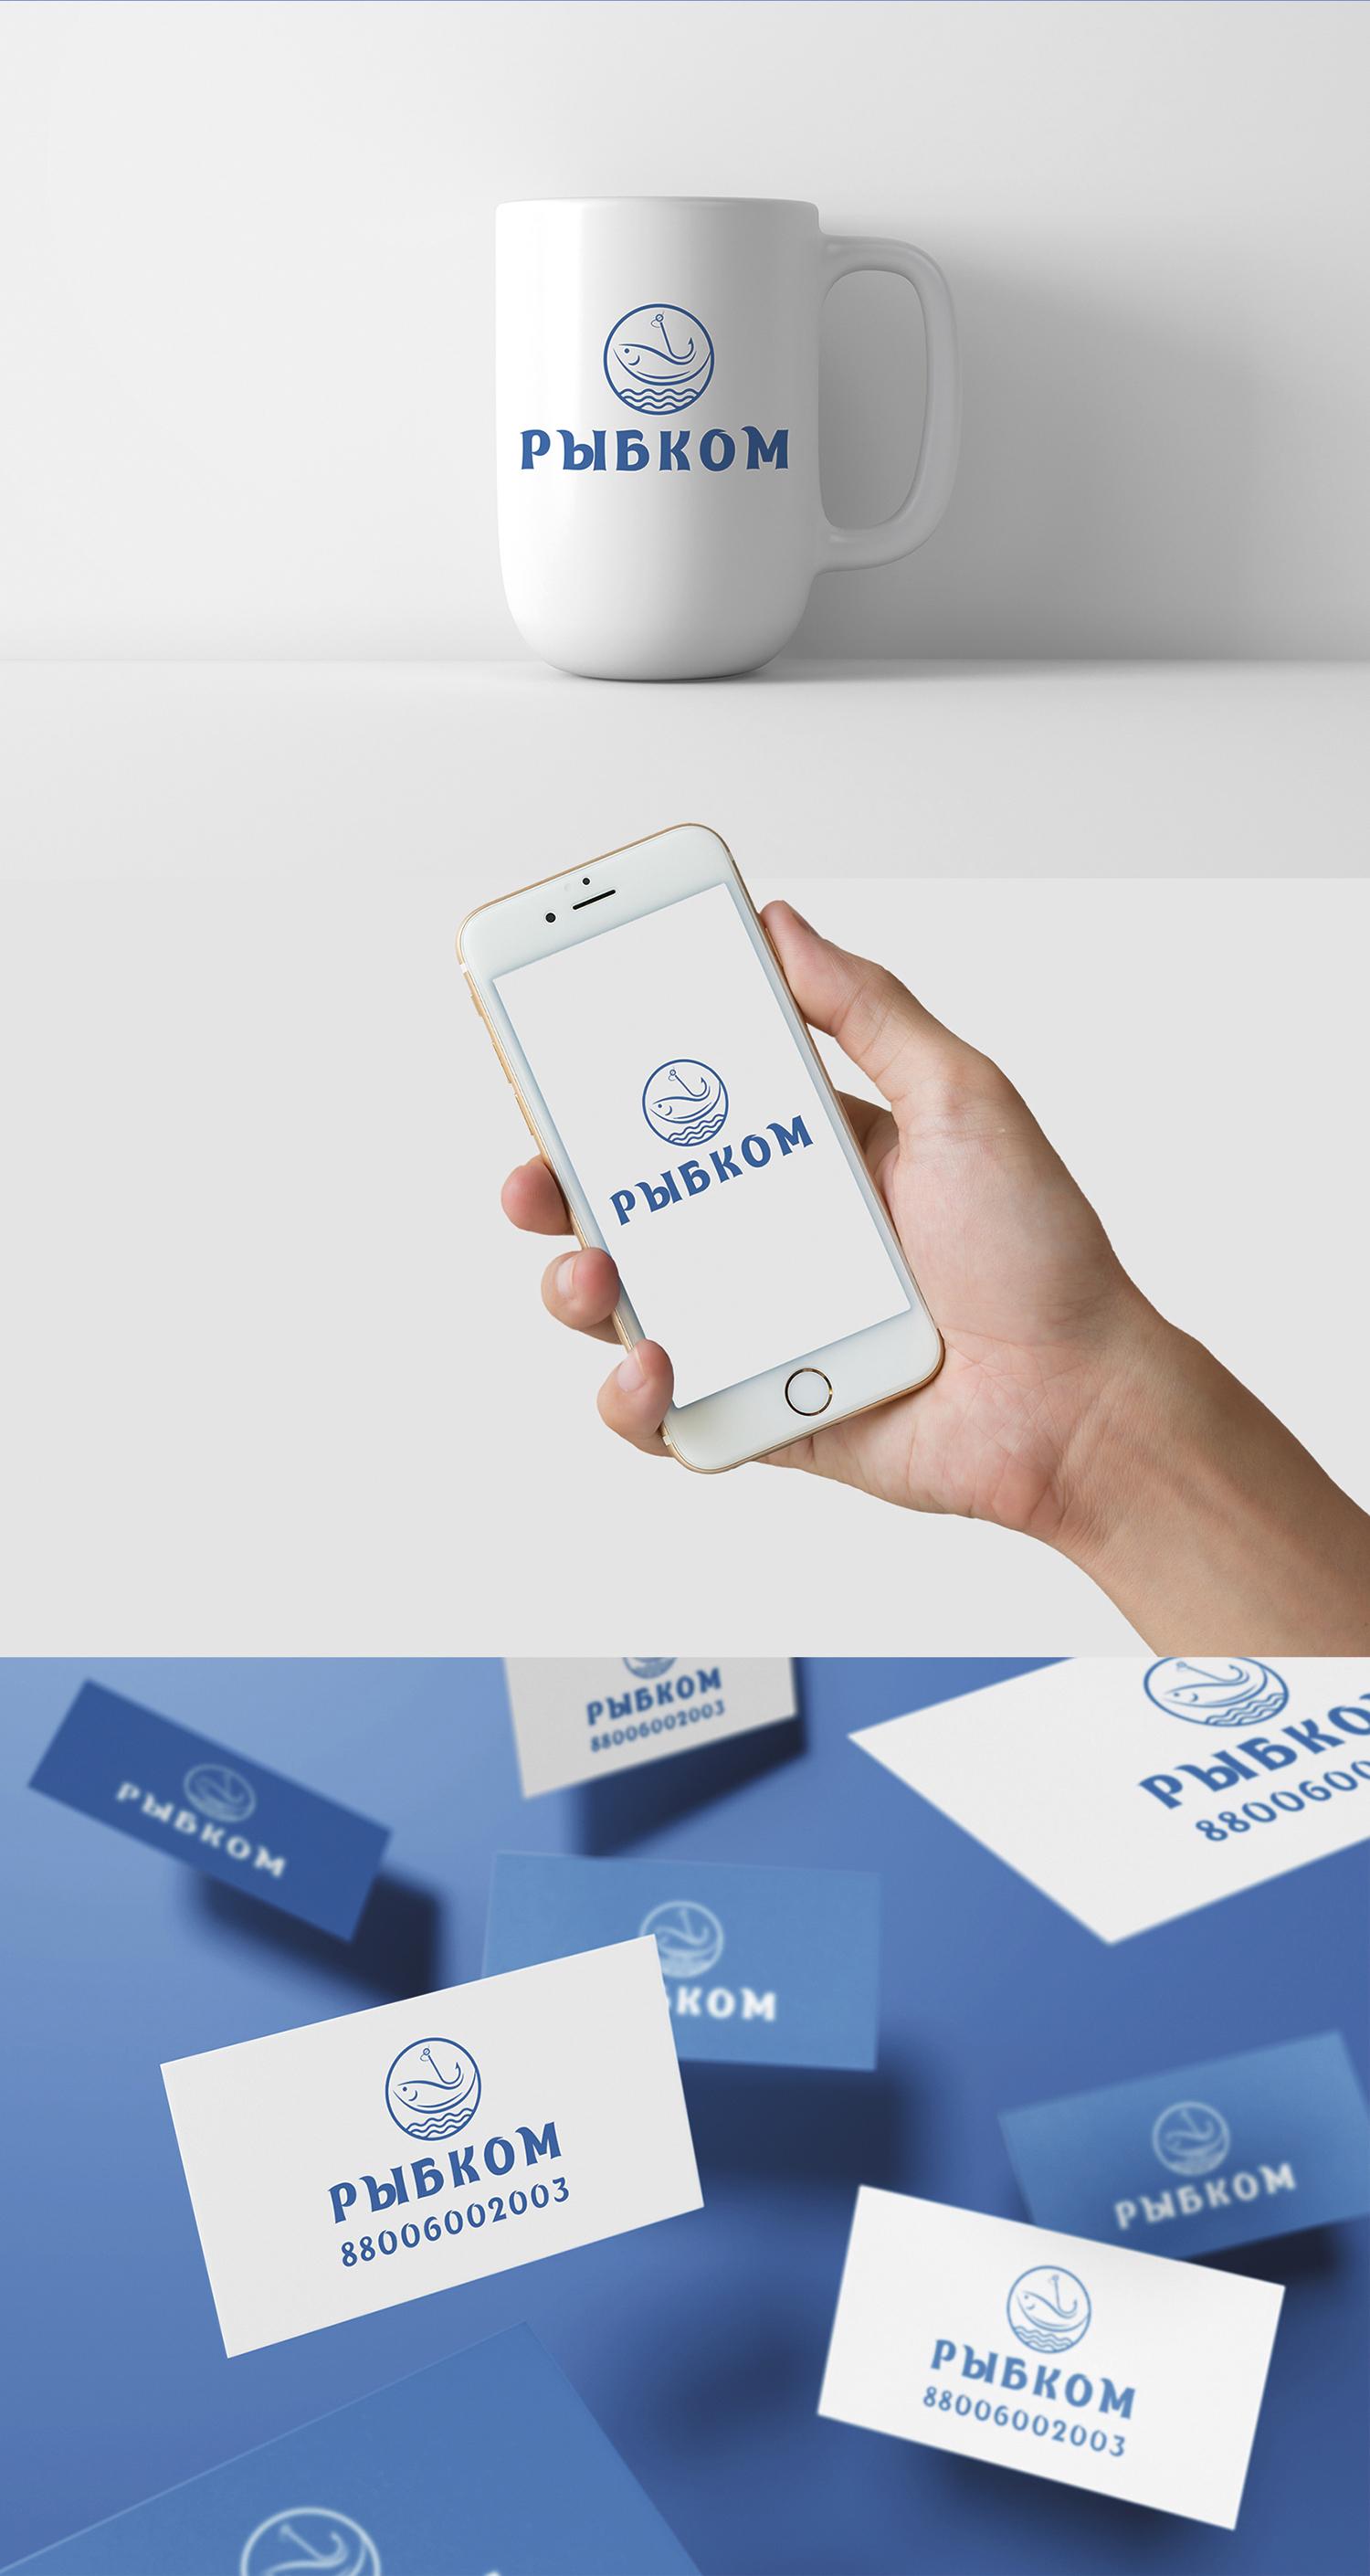 Создание логотипа и брэндбука для компании РЫБКОМ фото f_8795c0a8c97a17df.jpg